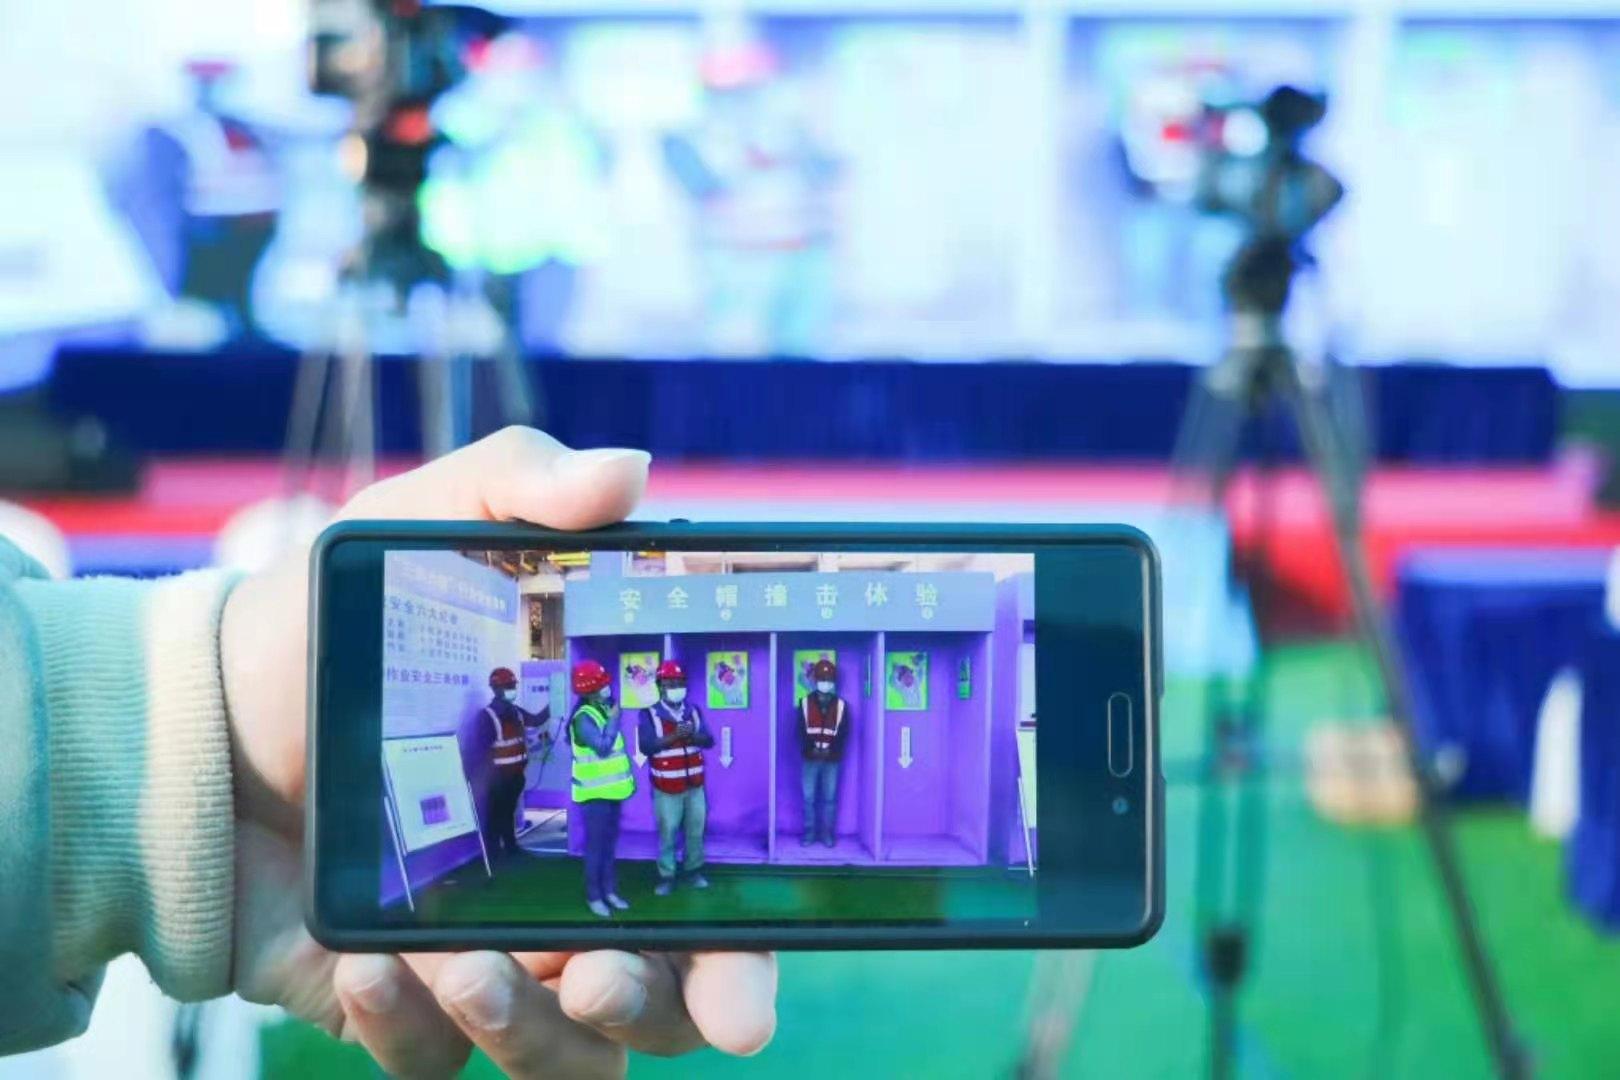 超10万人云观摩!中建五局智慧工地安全质量管控出新招 新湖南www.hunanabc.com